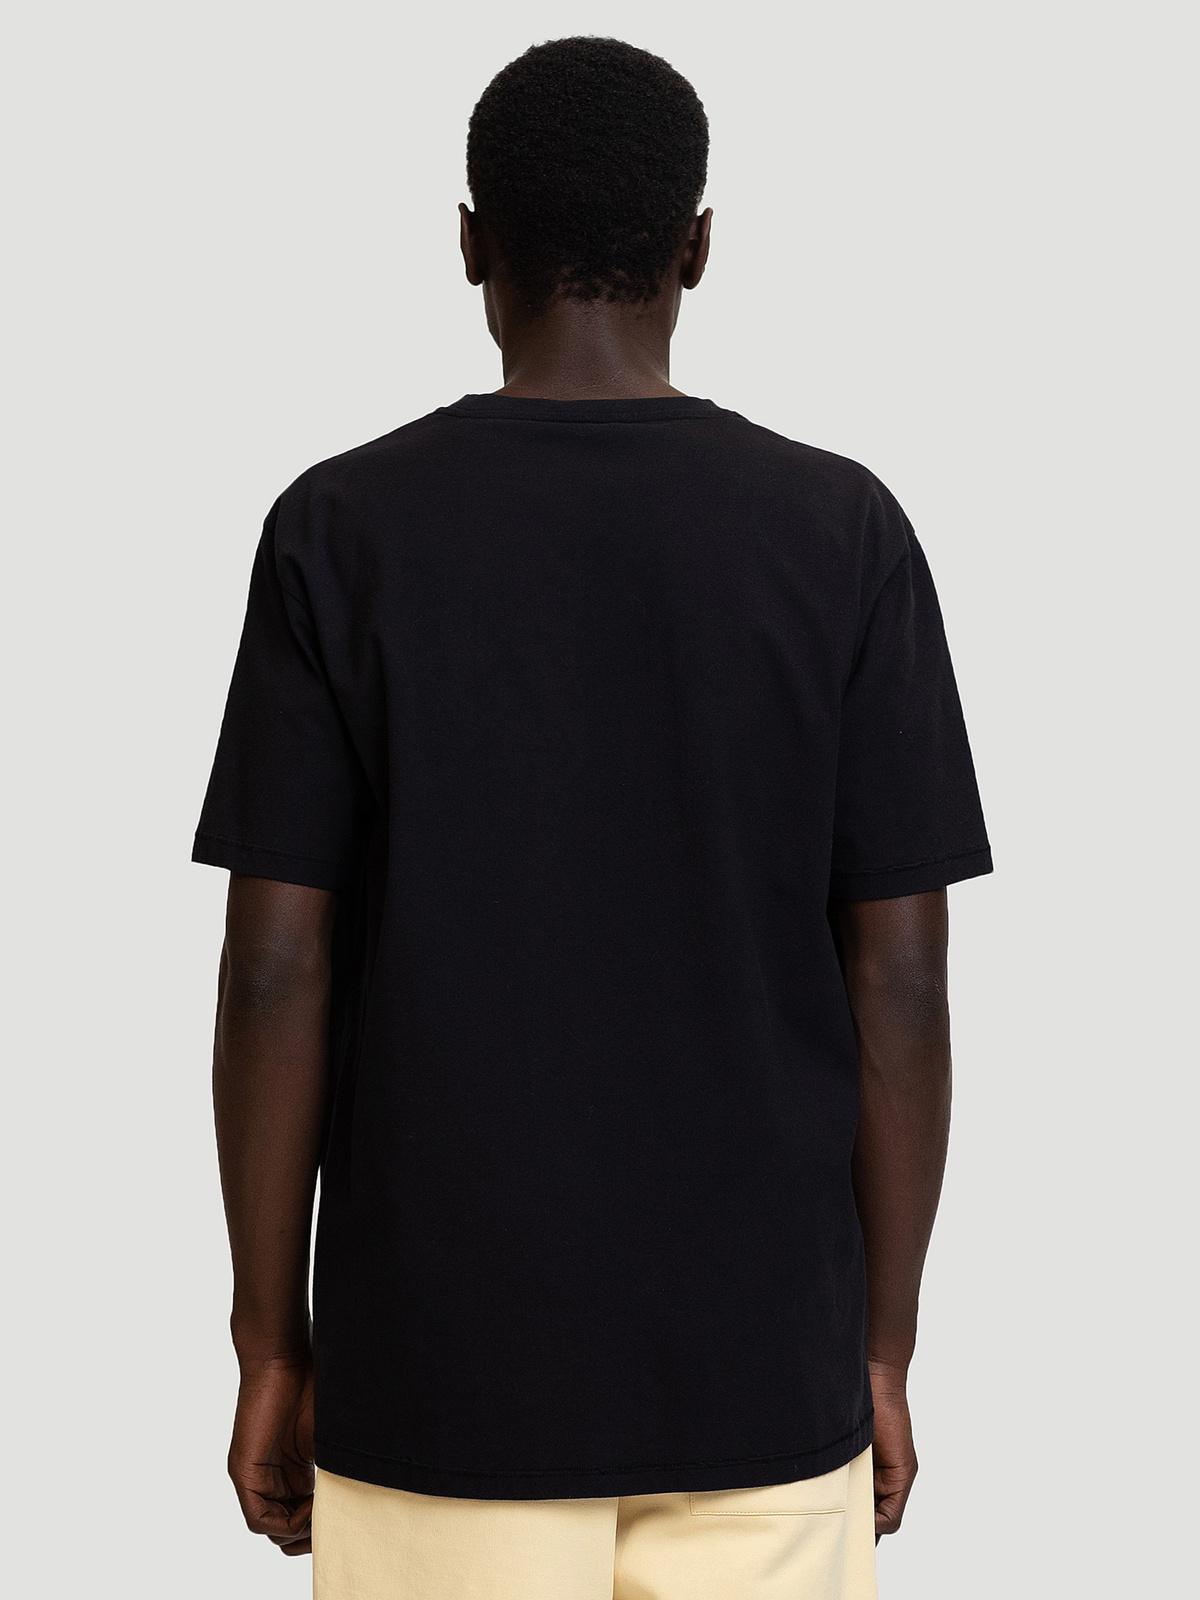 M. Oslo Tee Black 4